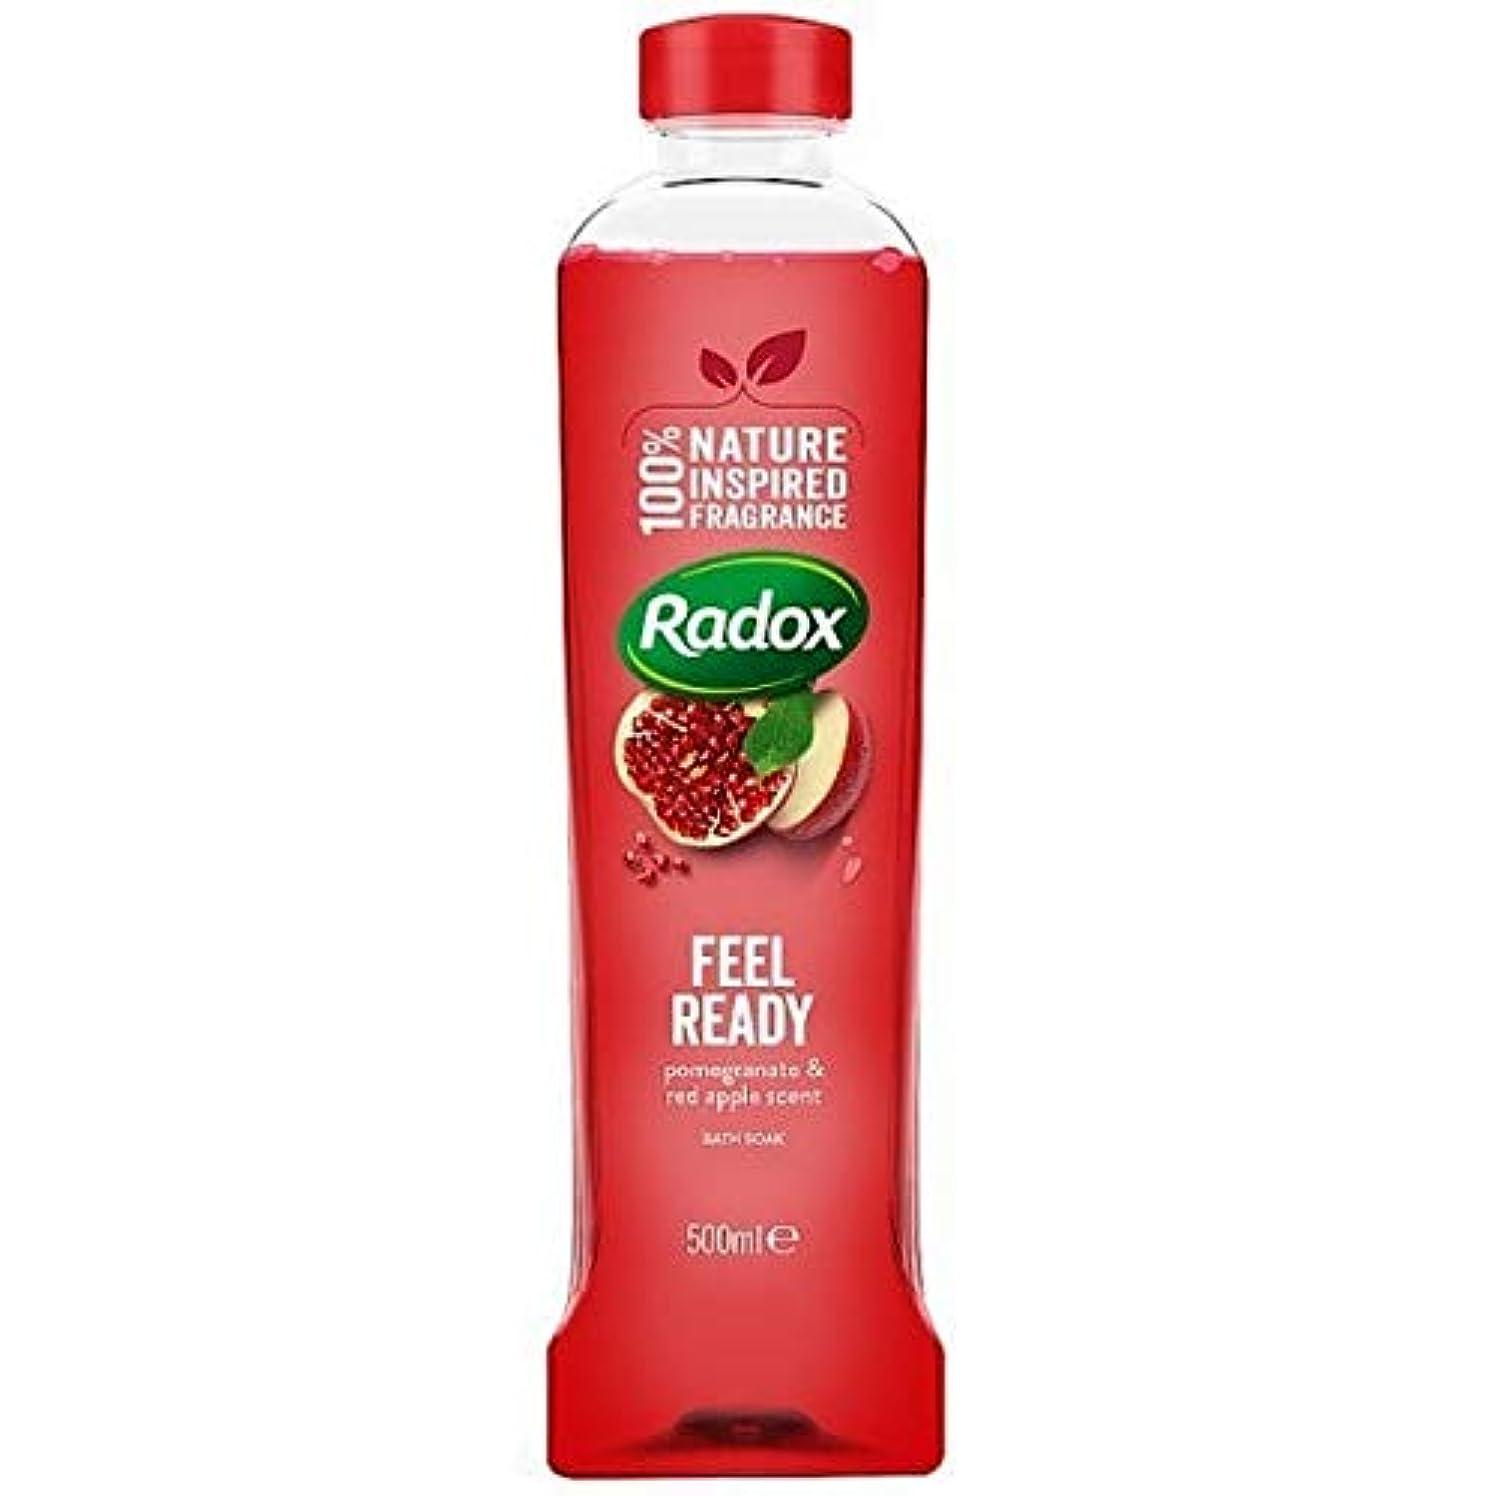 クラウド構築する暴君[Radox] Radoxは500ミリリットルを浸し準備風呂を感じます - Radox Feel Ready Bath Soak 500ml [並行輸入品]